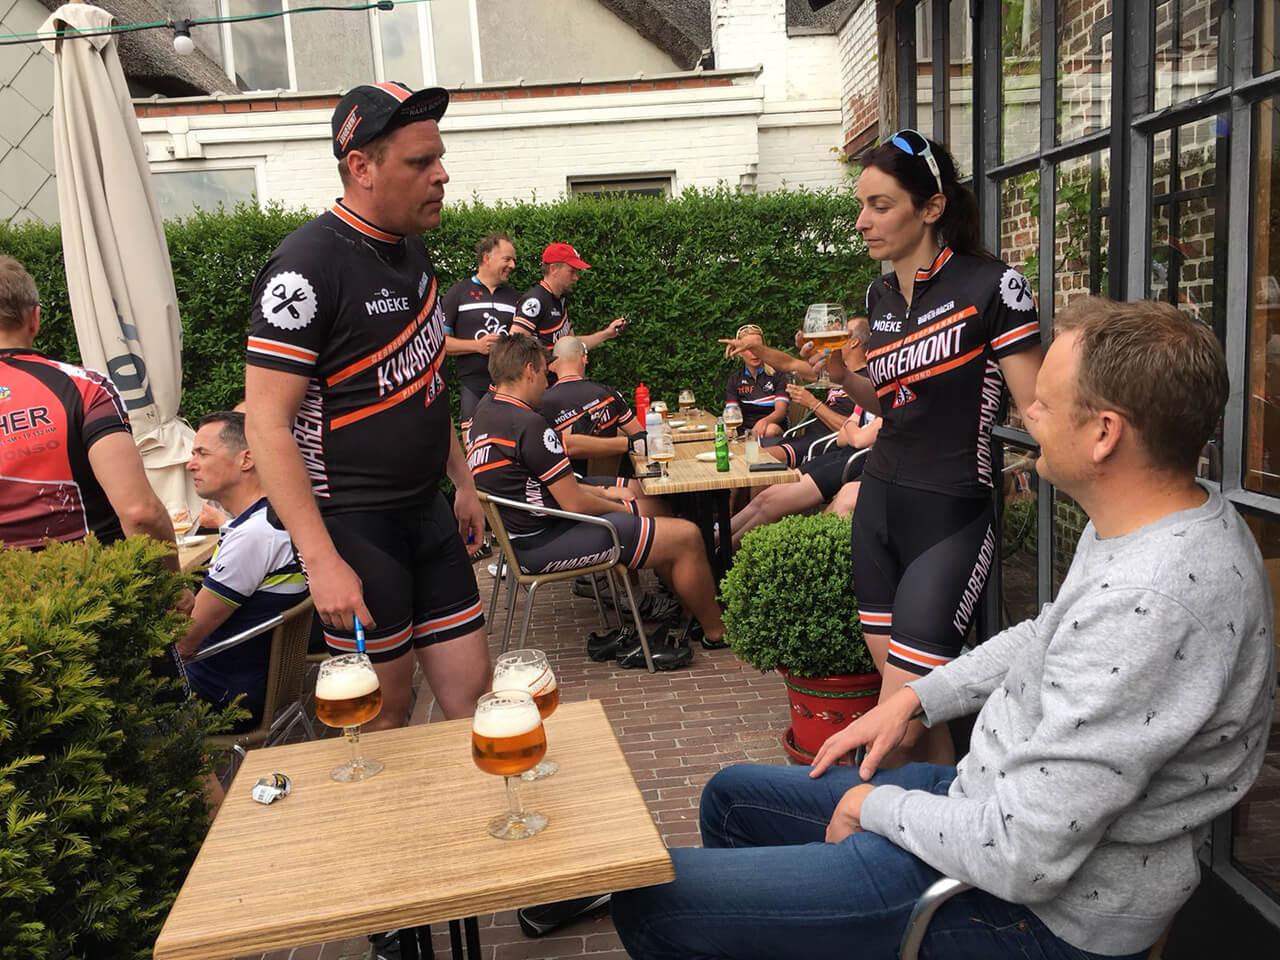 Kwaremont bier voor wielrenners